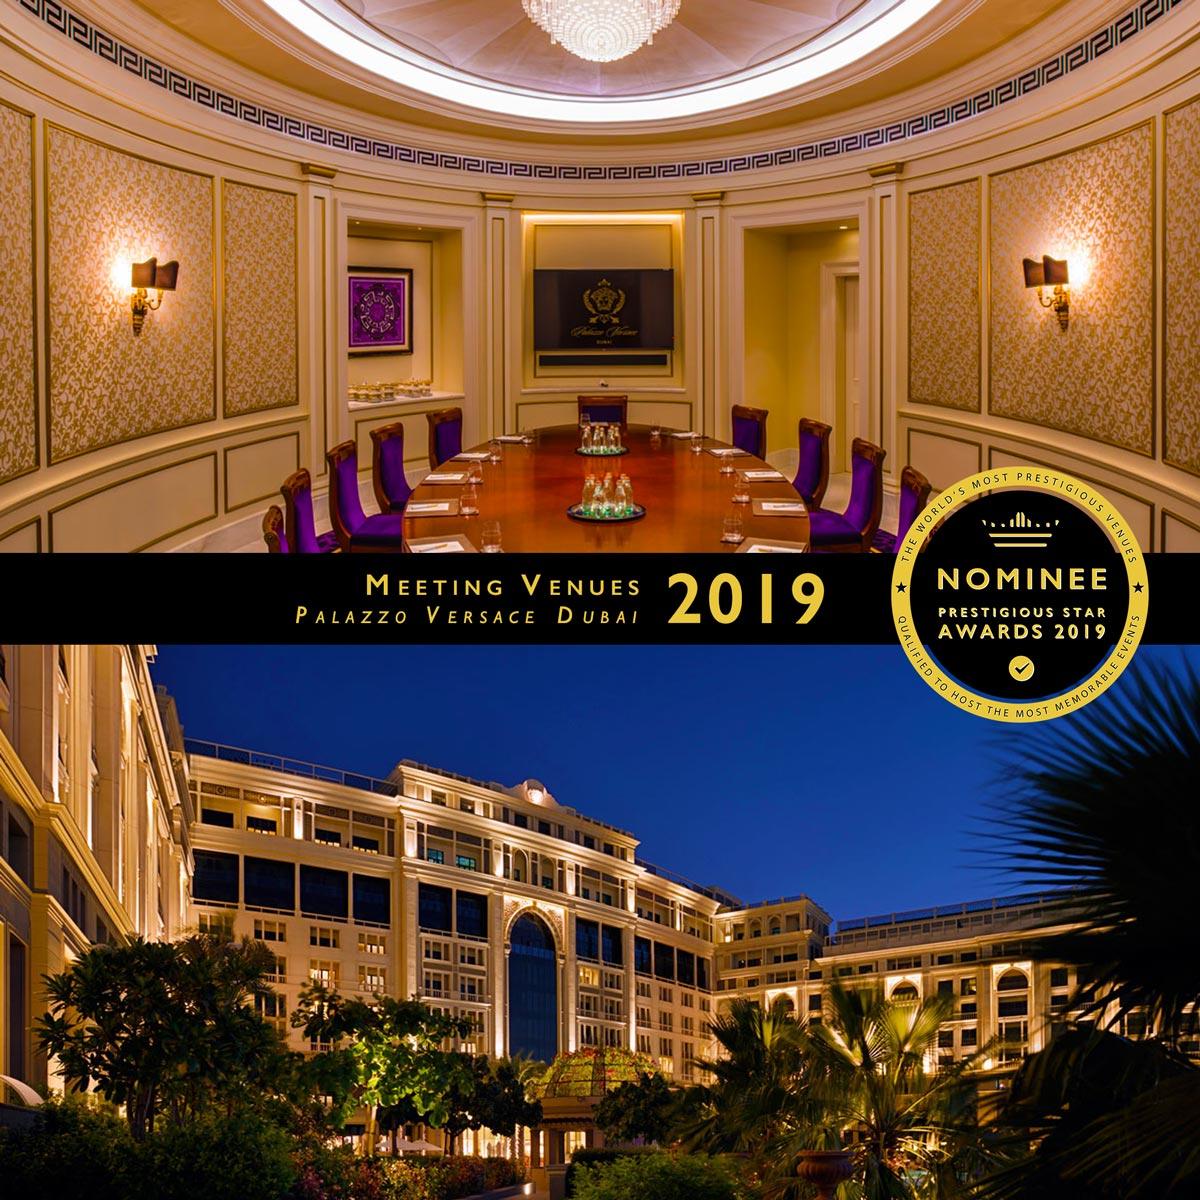 Meeting Rooms at Palazzo Versace Dubai